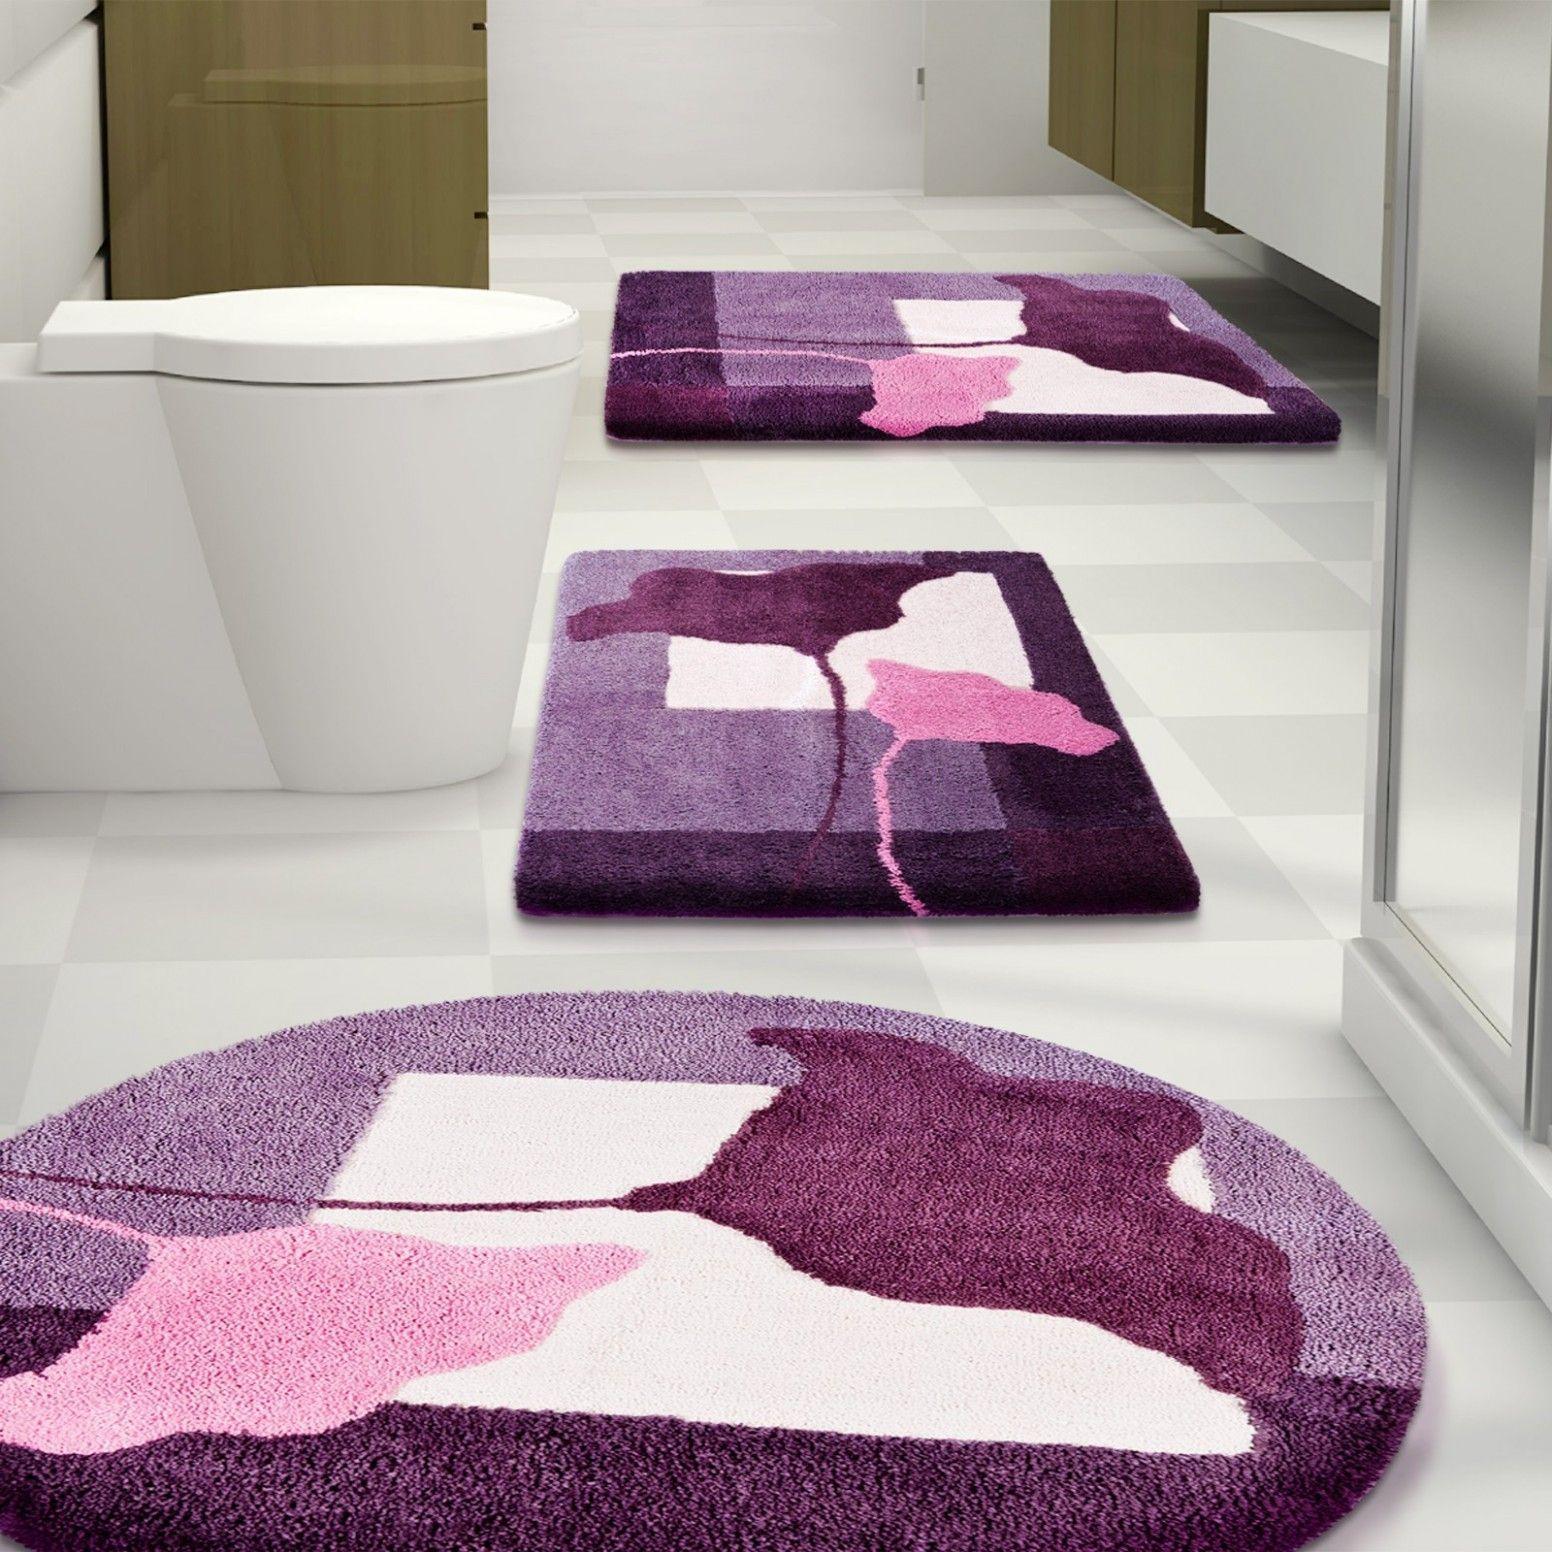 Pin on Trend Bathroom Rugs 7 & Bathroom Rugs Ideas